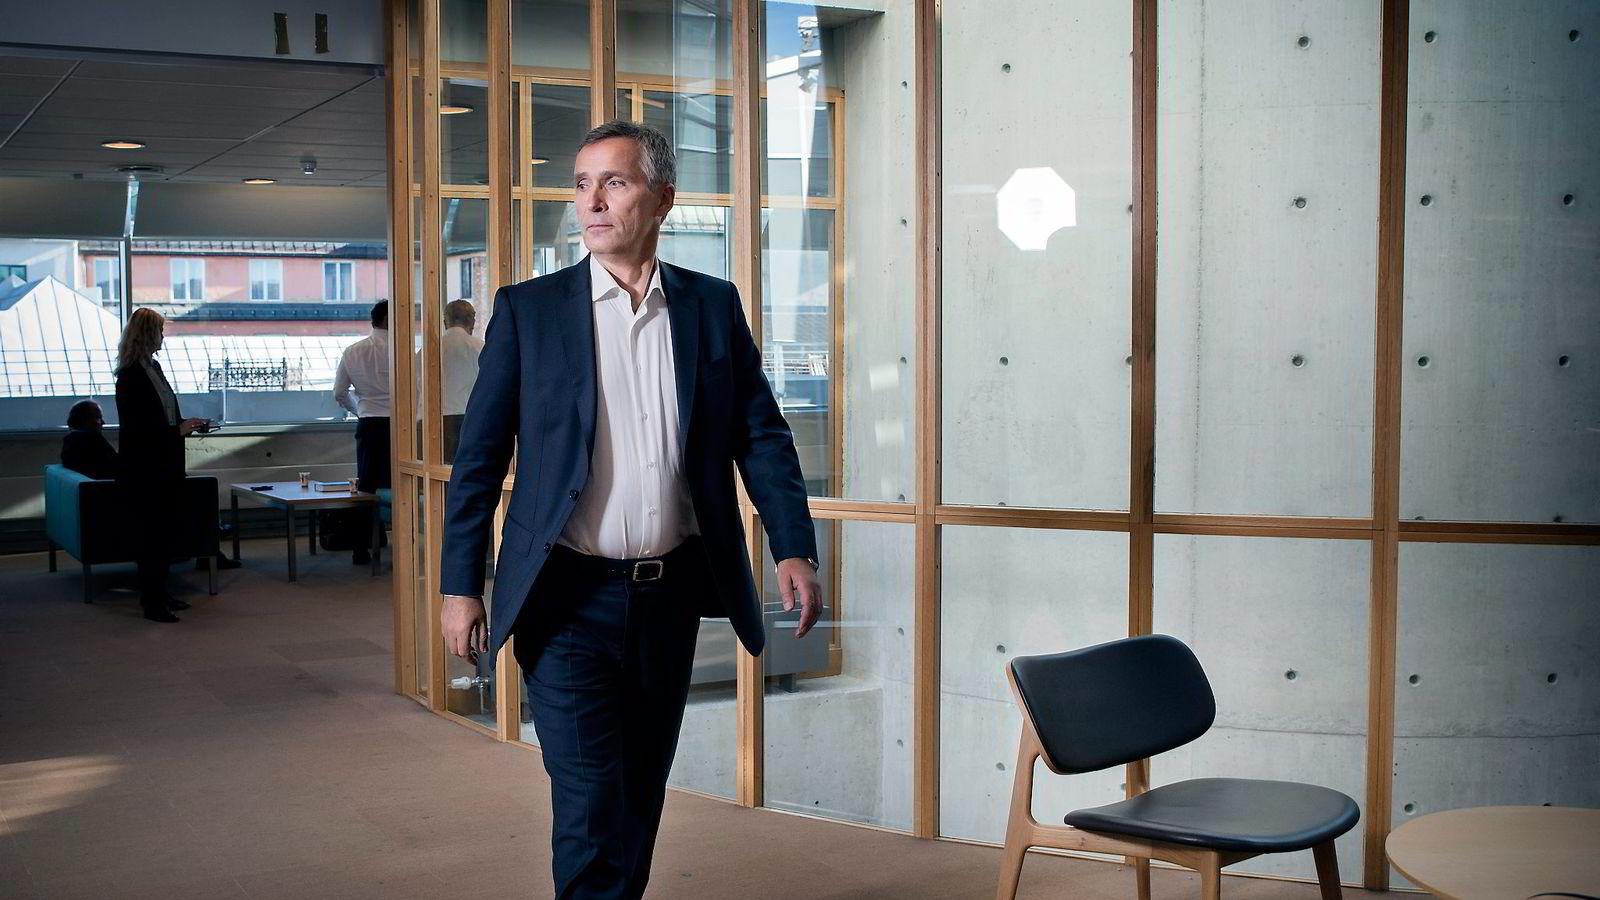 NATO-sjef og tidligere statsminister Jens Stoltenberg, etter pressekonferansen i anledning at han gav ut selvbiografi på Gyldendal forlag.